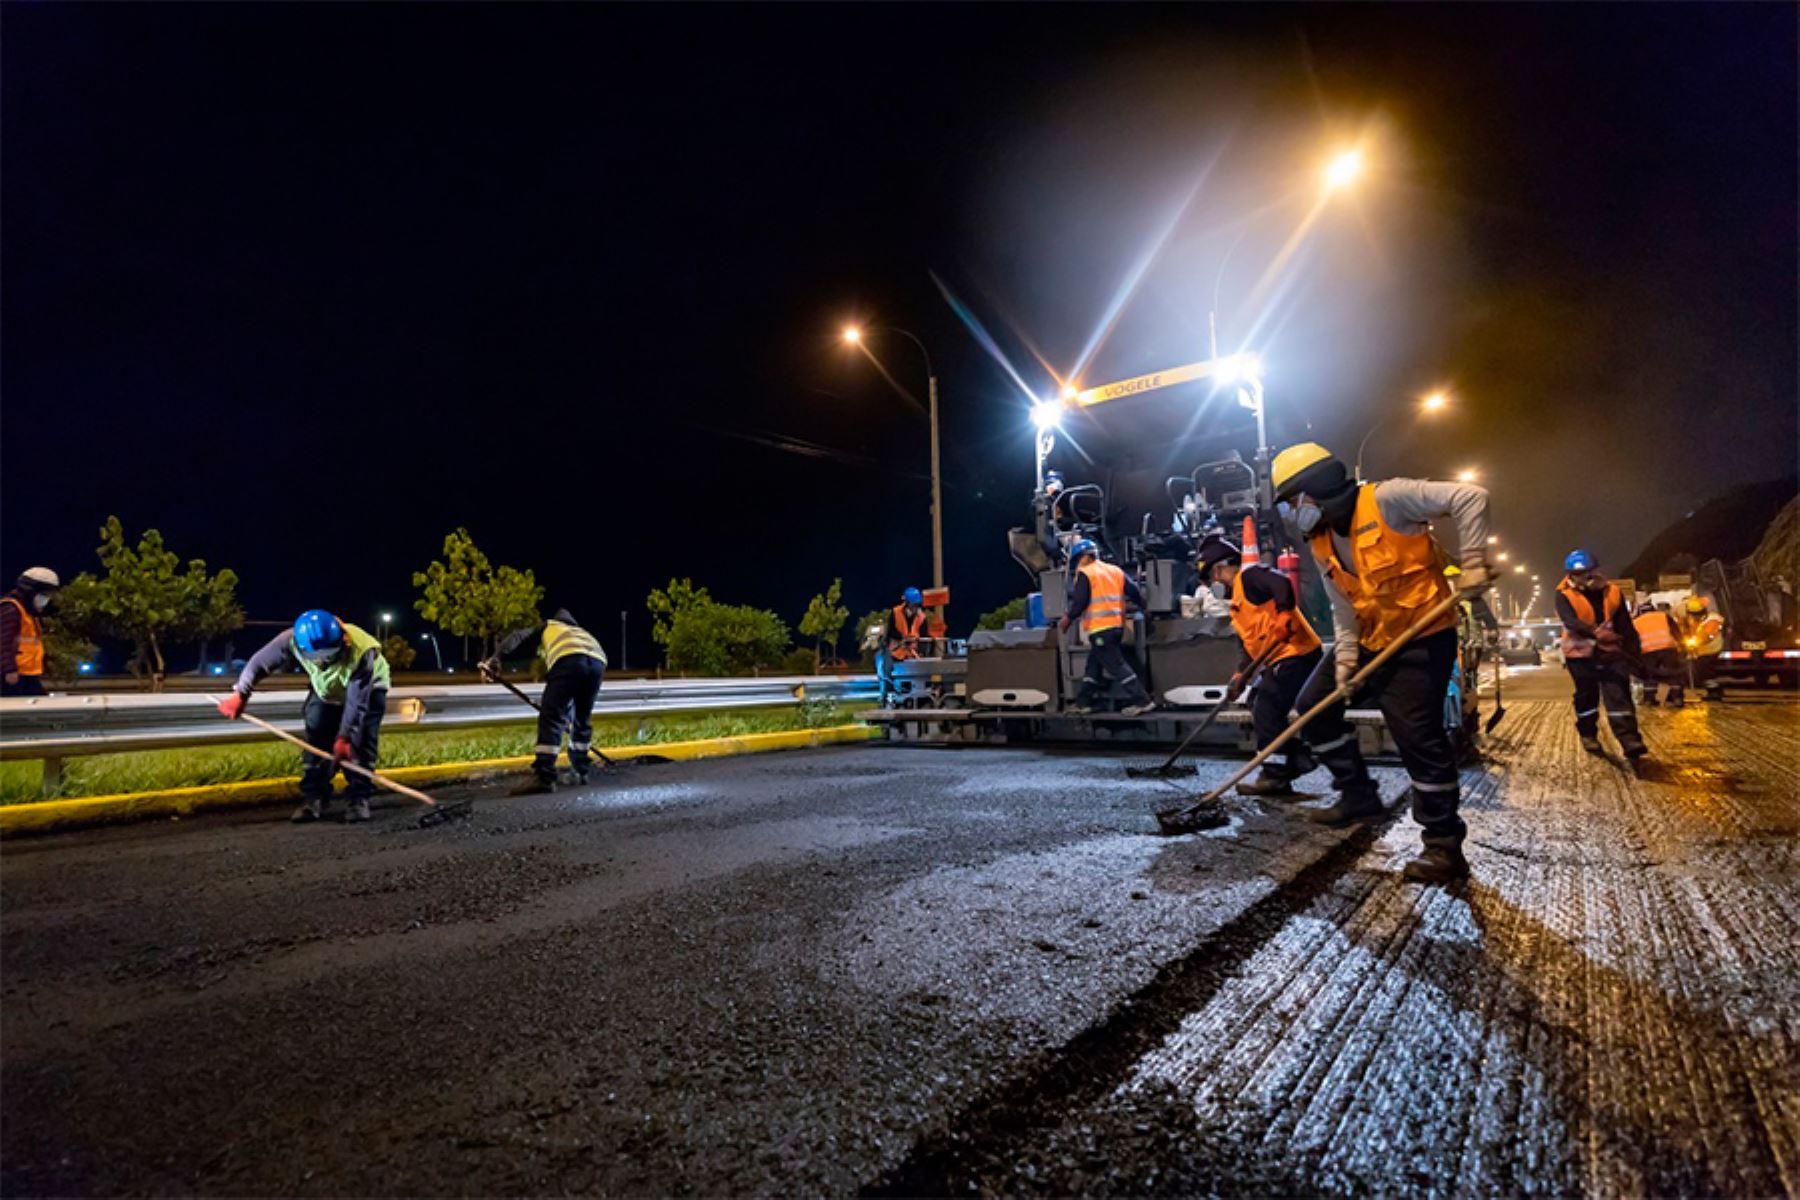 Con una inversión de S/2.8 millones se renovará carpeta asfáltica en 35,402 m2 y se efectuará el pintado de señalización horizontal en 5,100 m2. Foto: ANDINA/MML